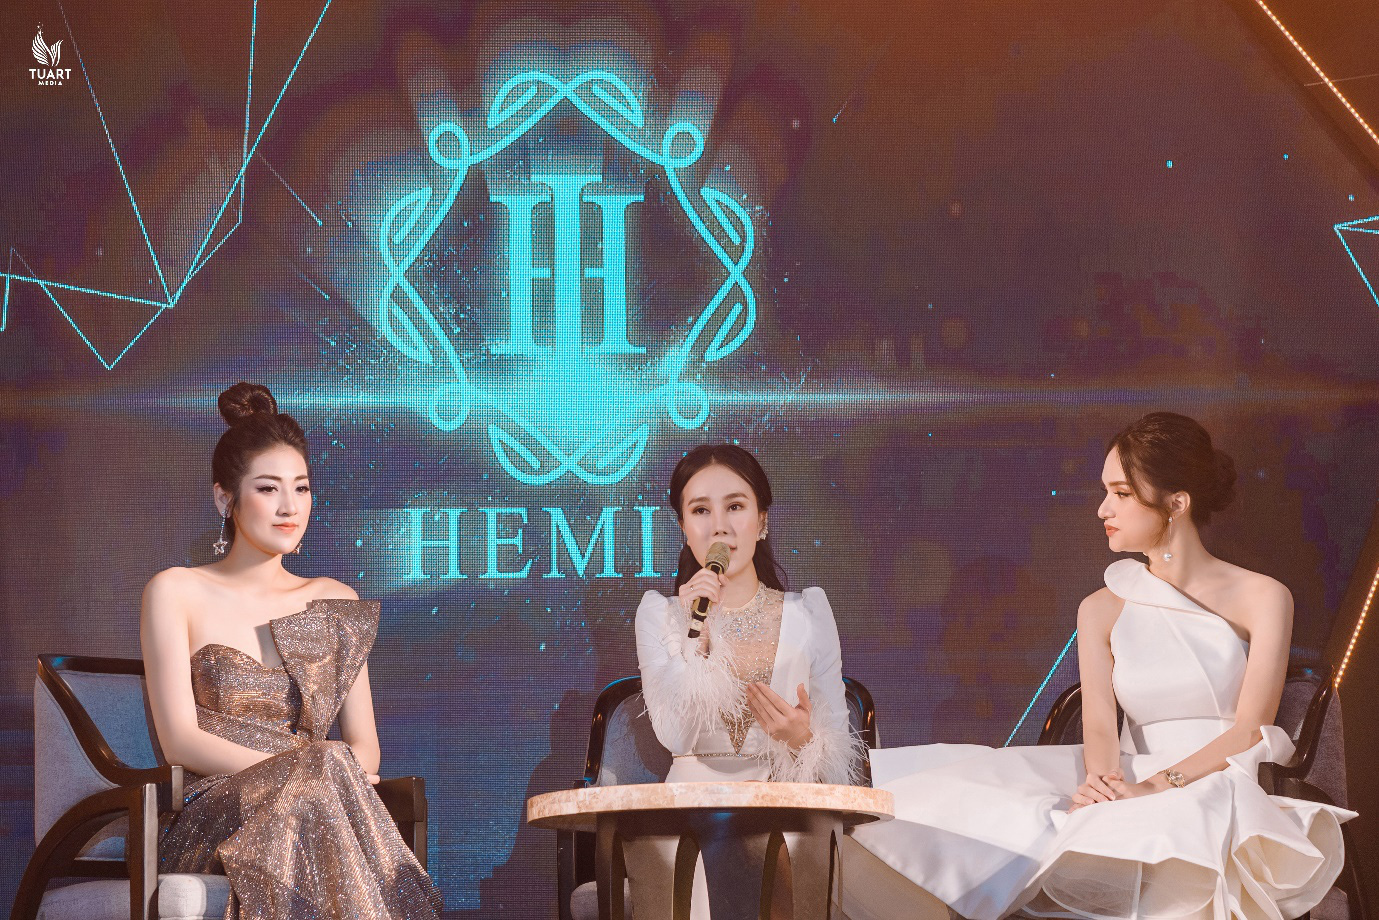 Dàn sao Việt đình đám quy tụ tại sự kiện của hot girl Thúy Kami - Ảnh 3.